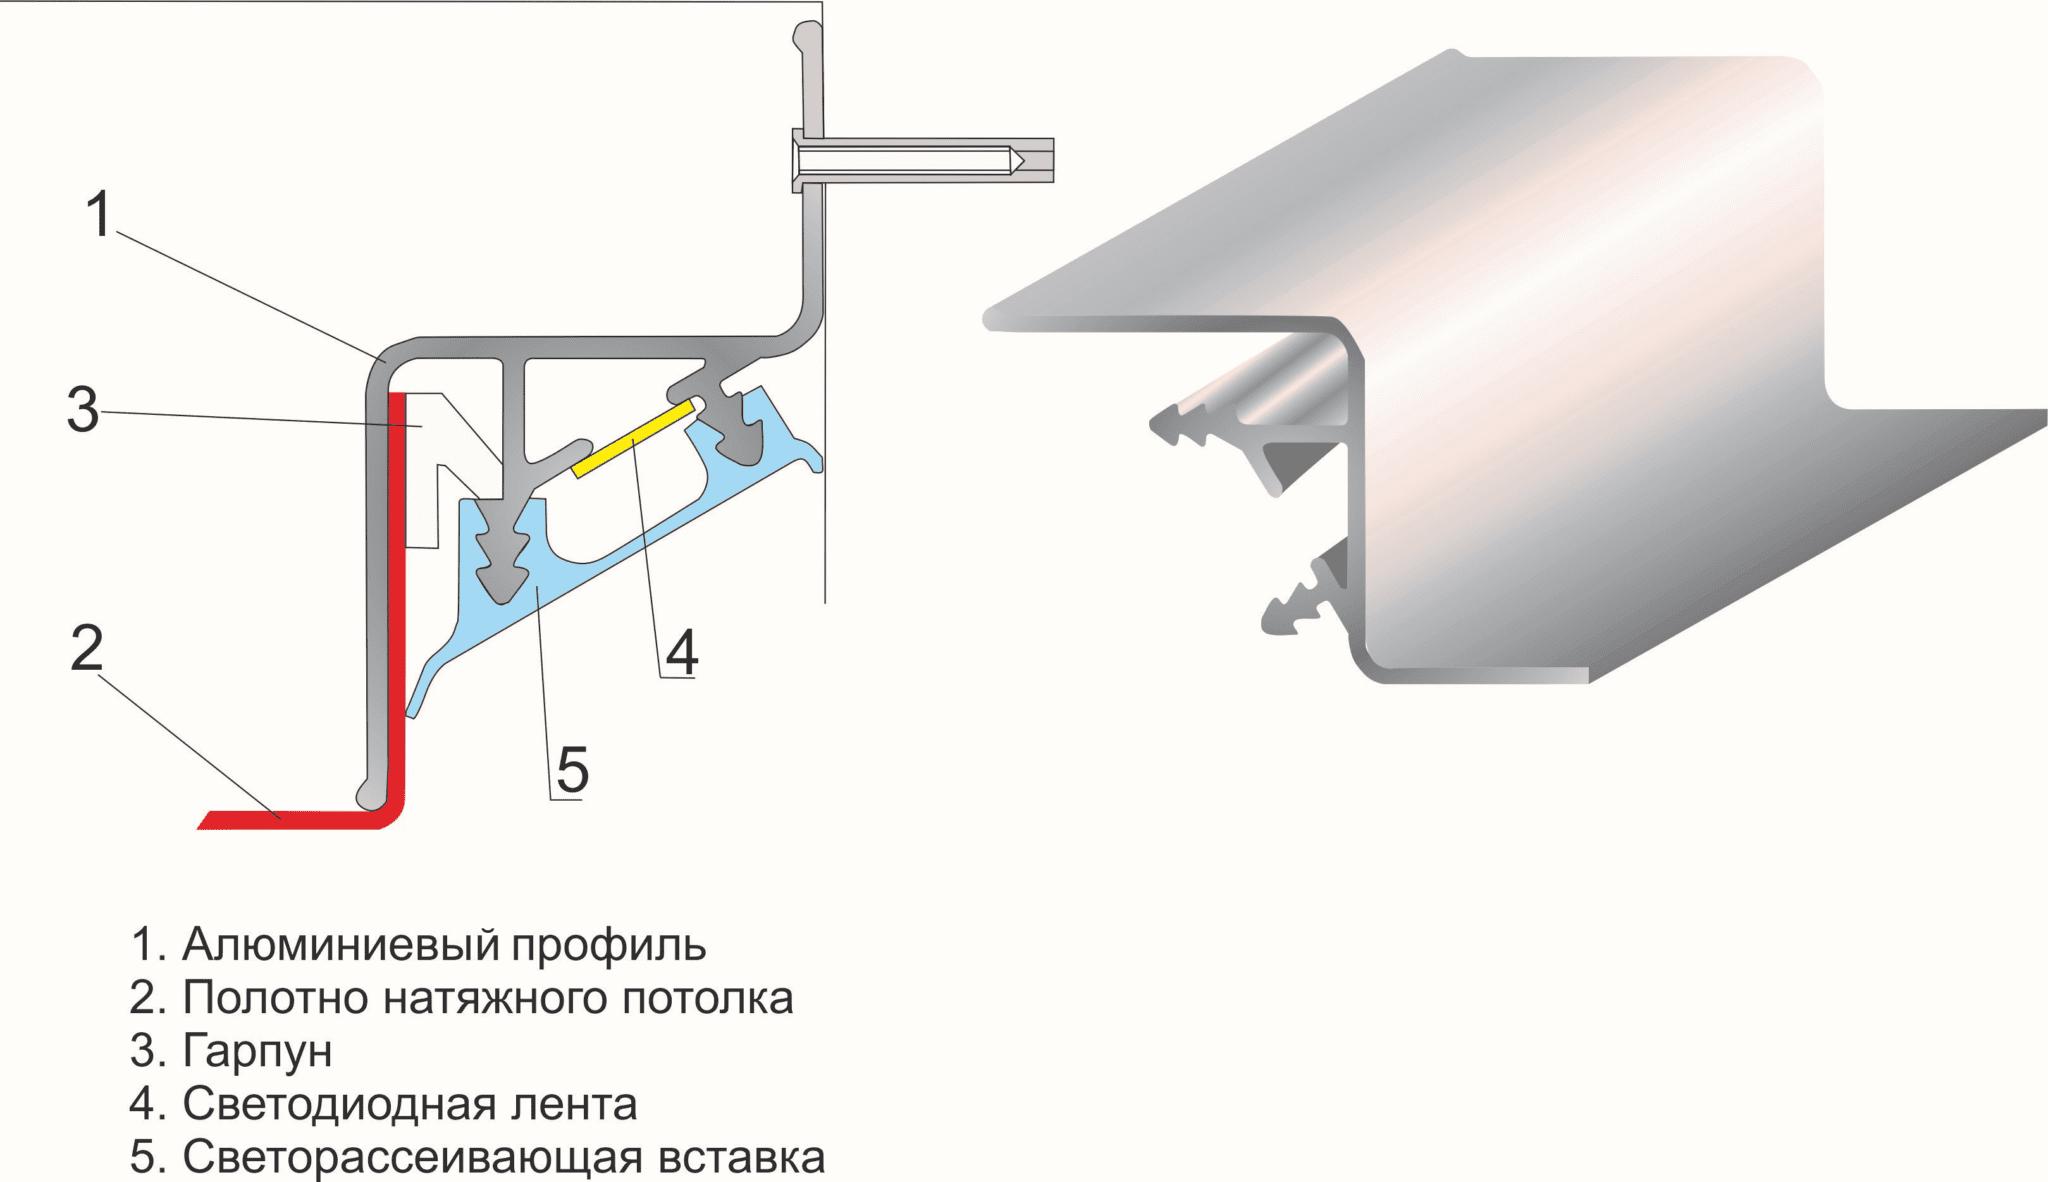 Натяжные потолки - разновидности, фото, цены, особенности 33